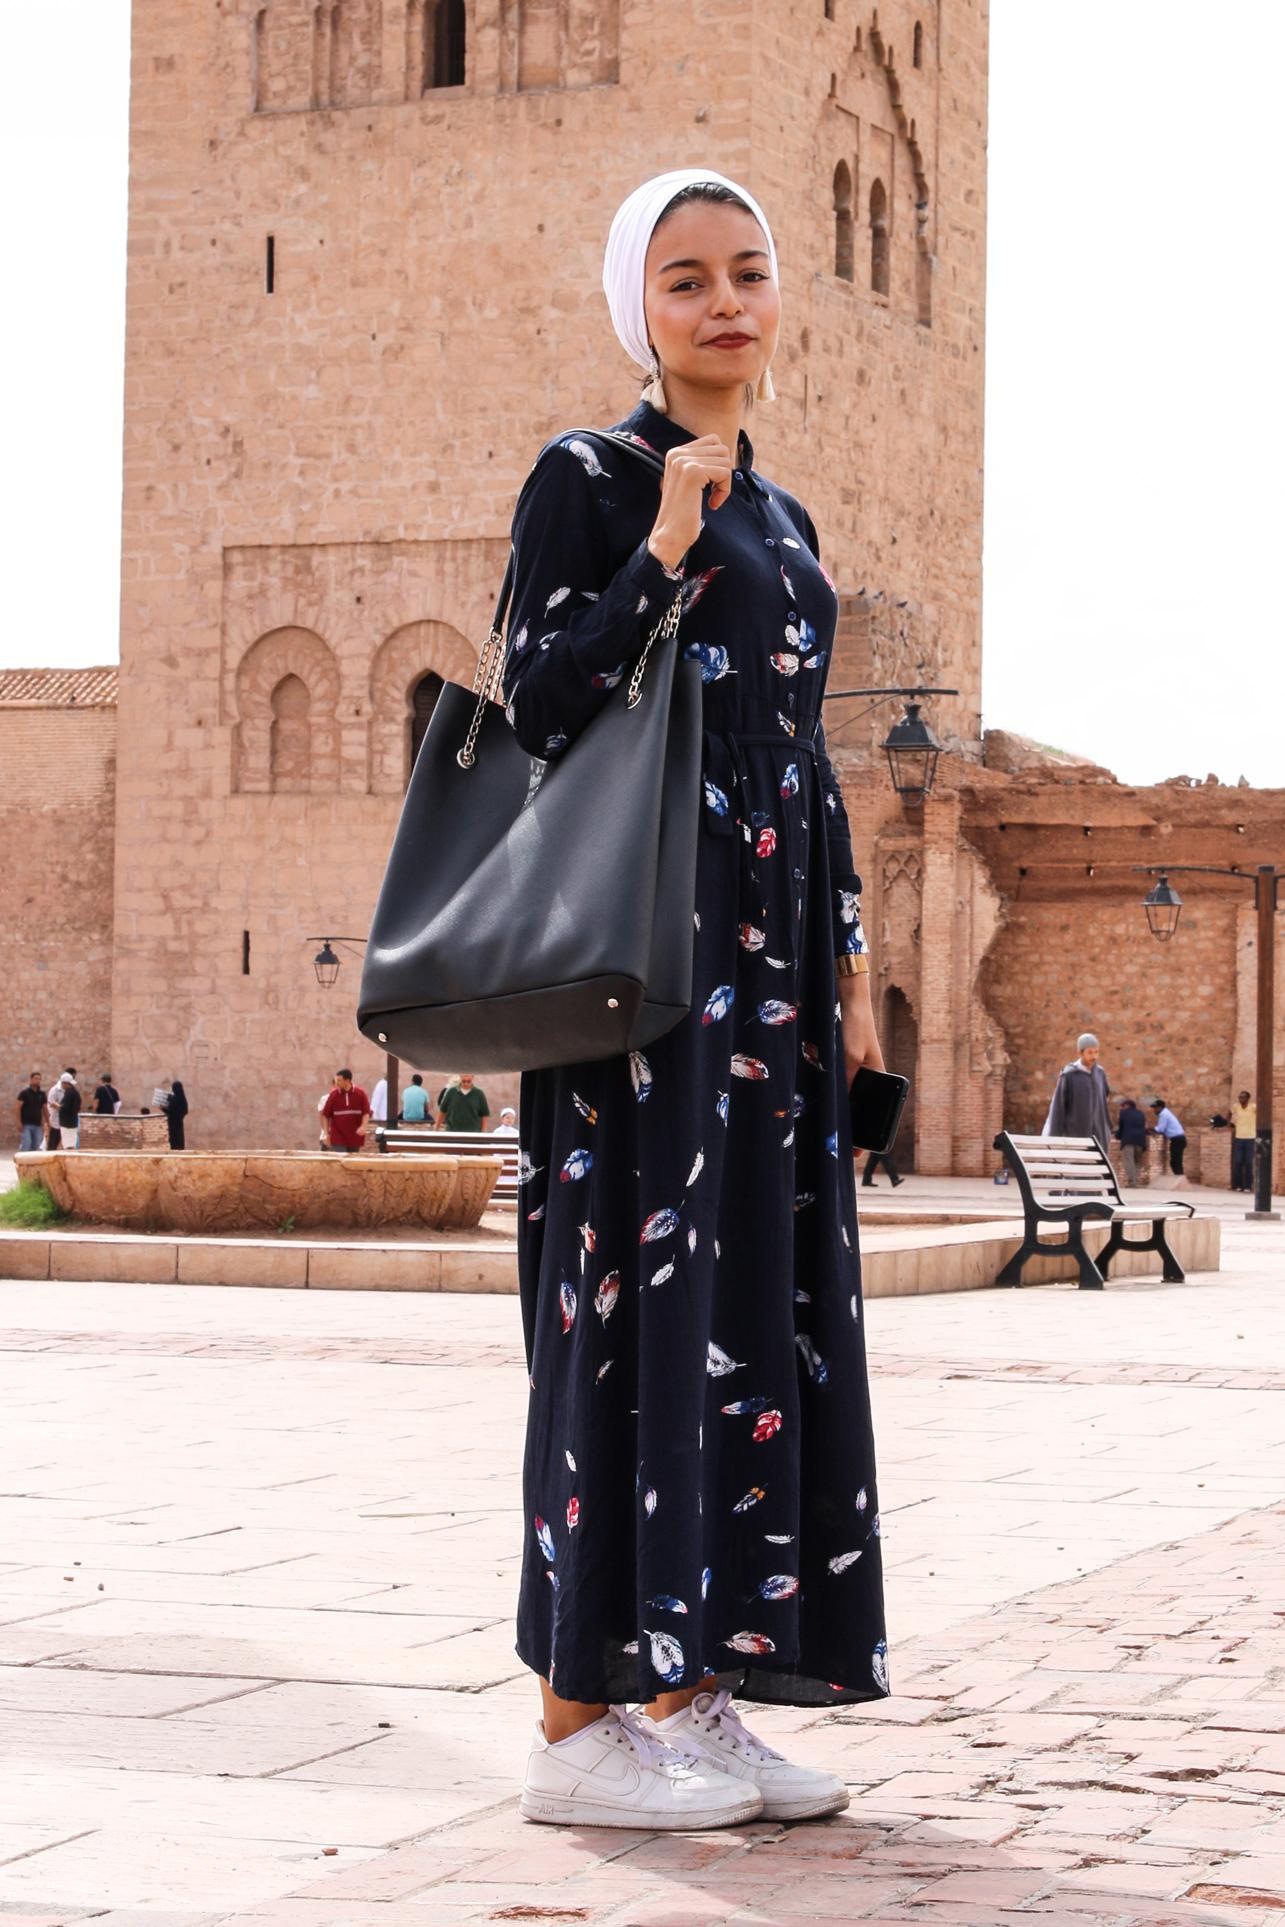 Oumana - Marrakech